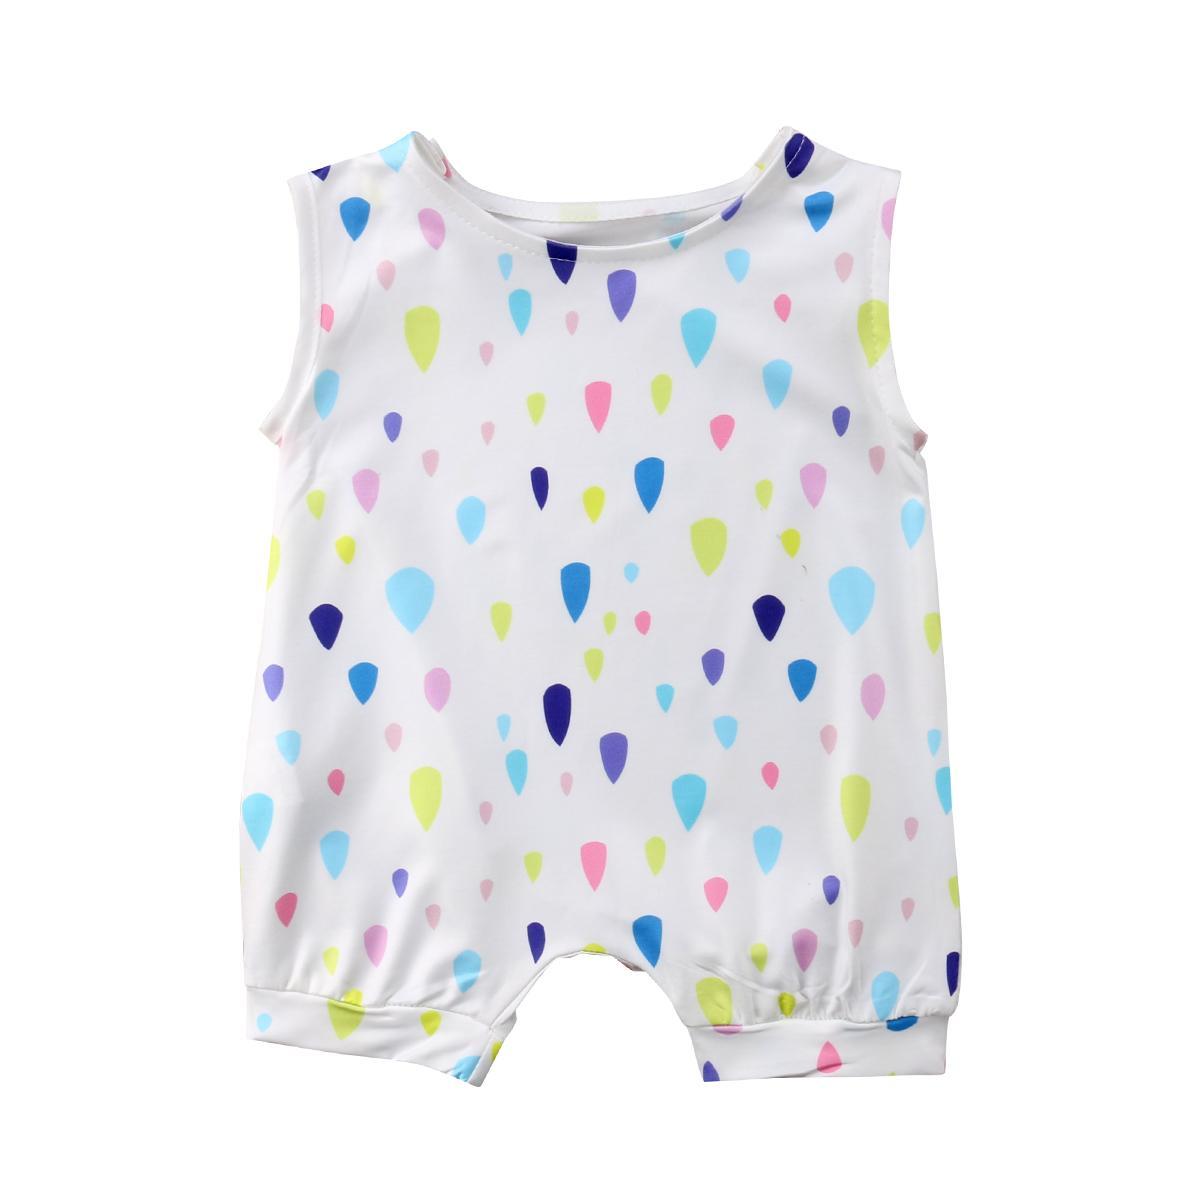 0-24M été Bébé Tout Enfants Raindrop Romper vêtements d'été en coton